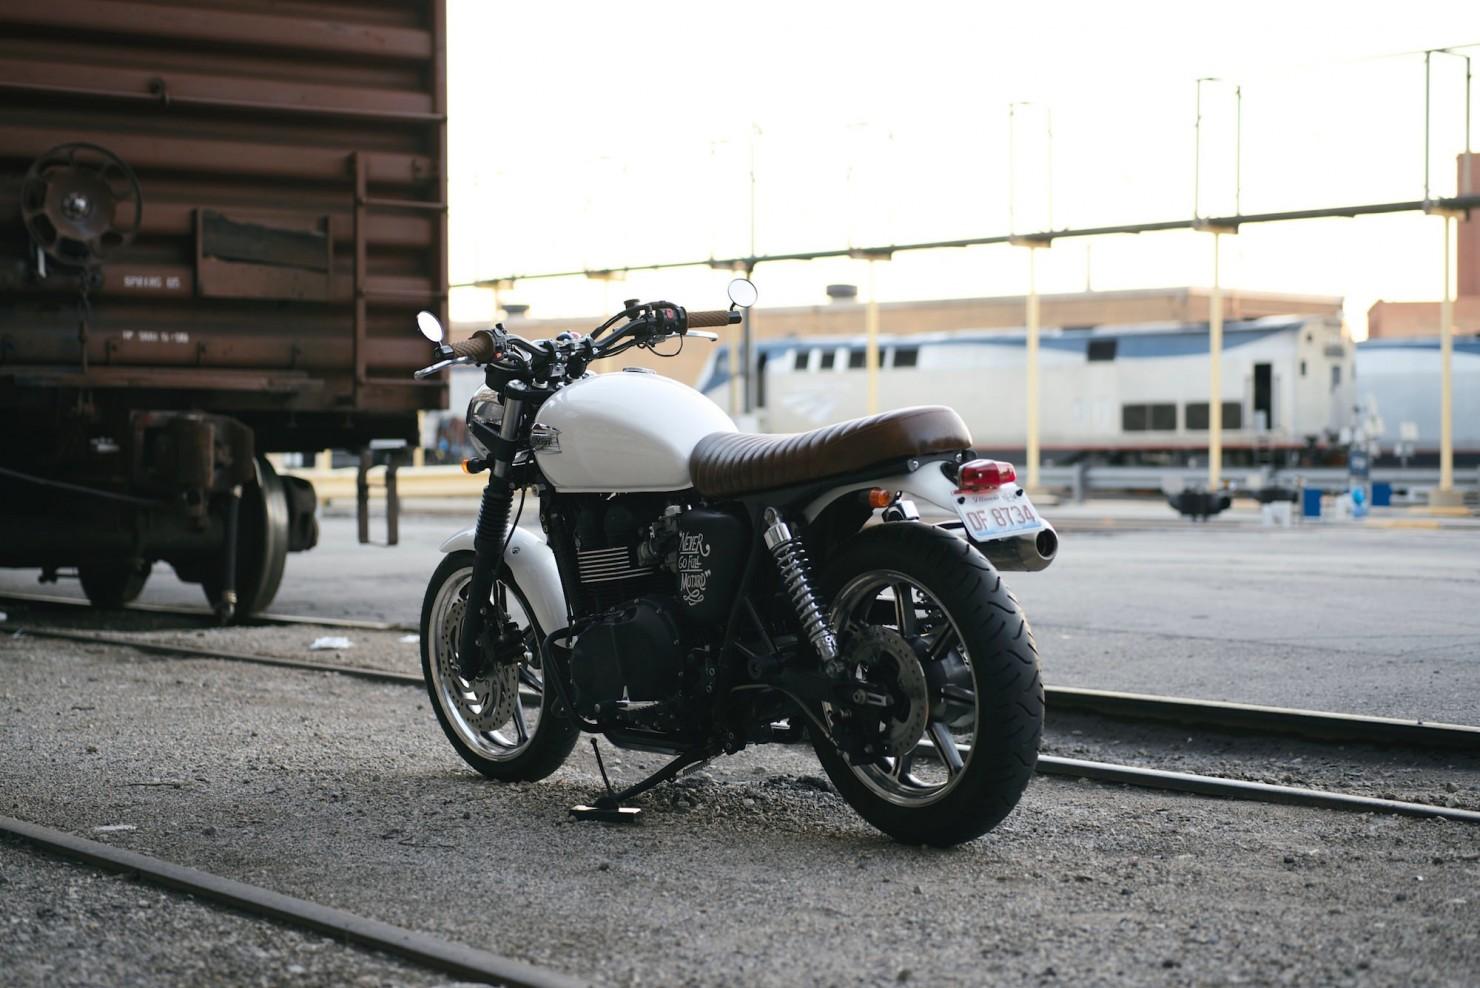 Triumph_Bonneville_Motorcycle_20